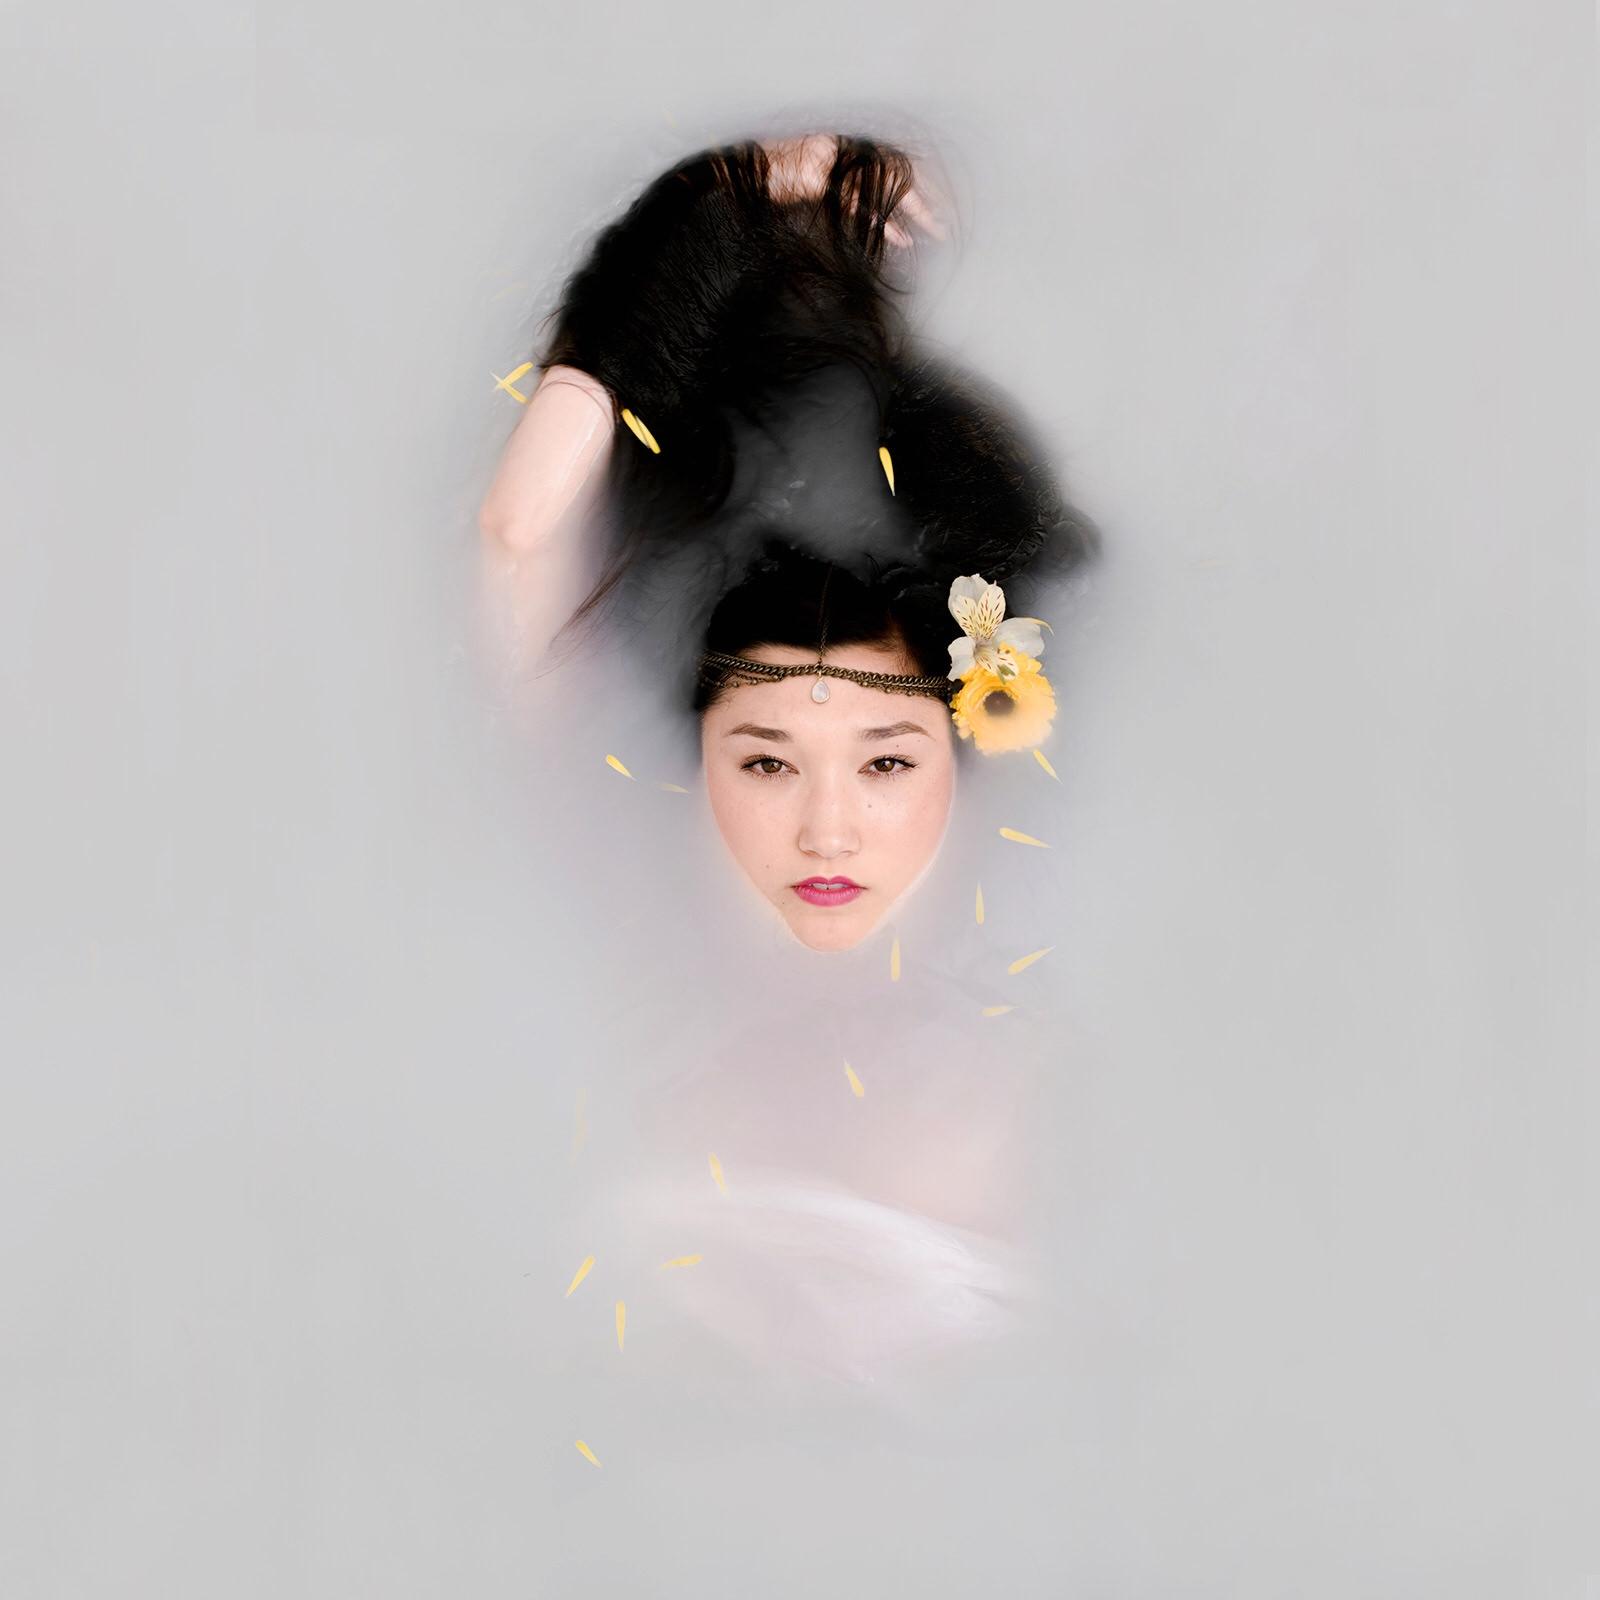 Goddess Milk Bath Portrait of Christine by Jaclyn Le